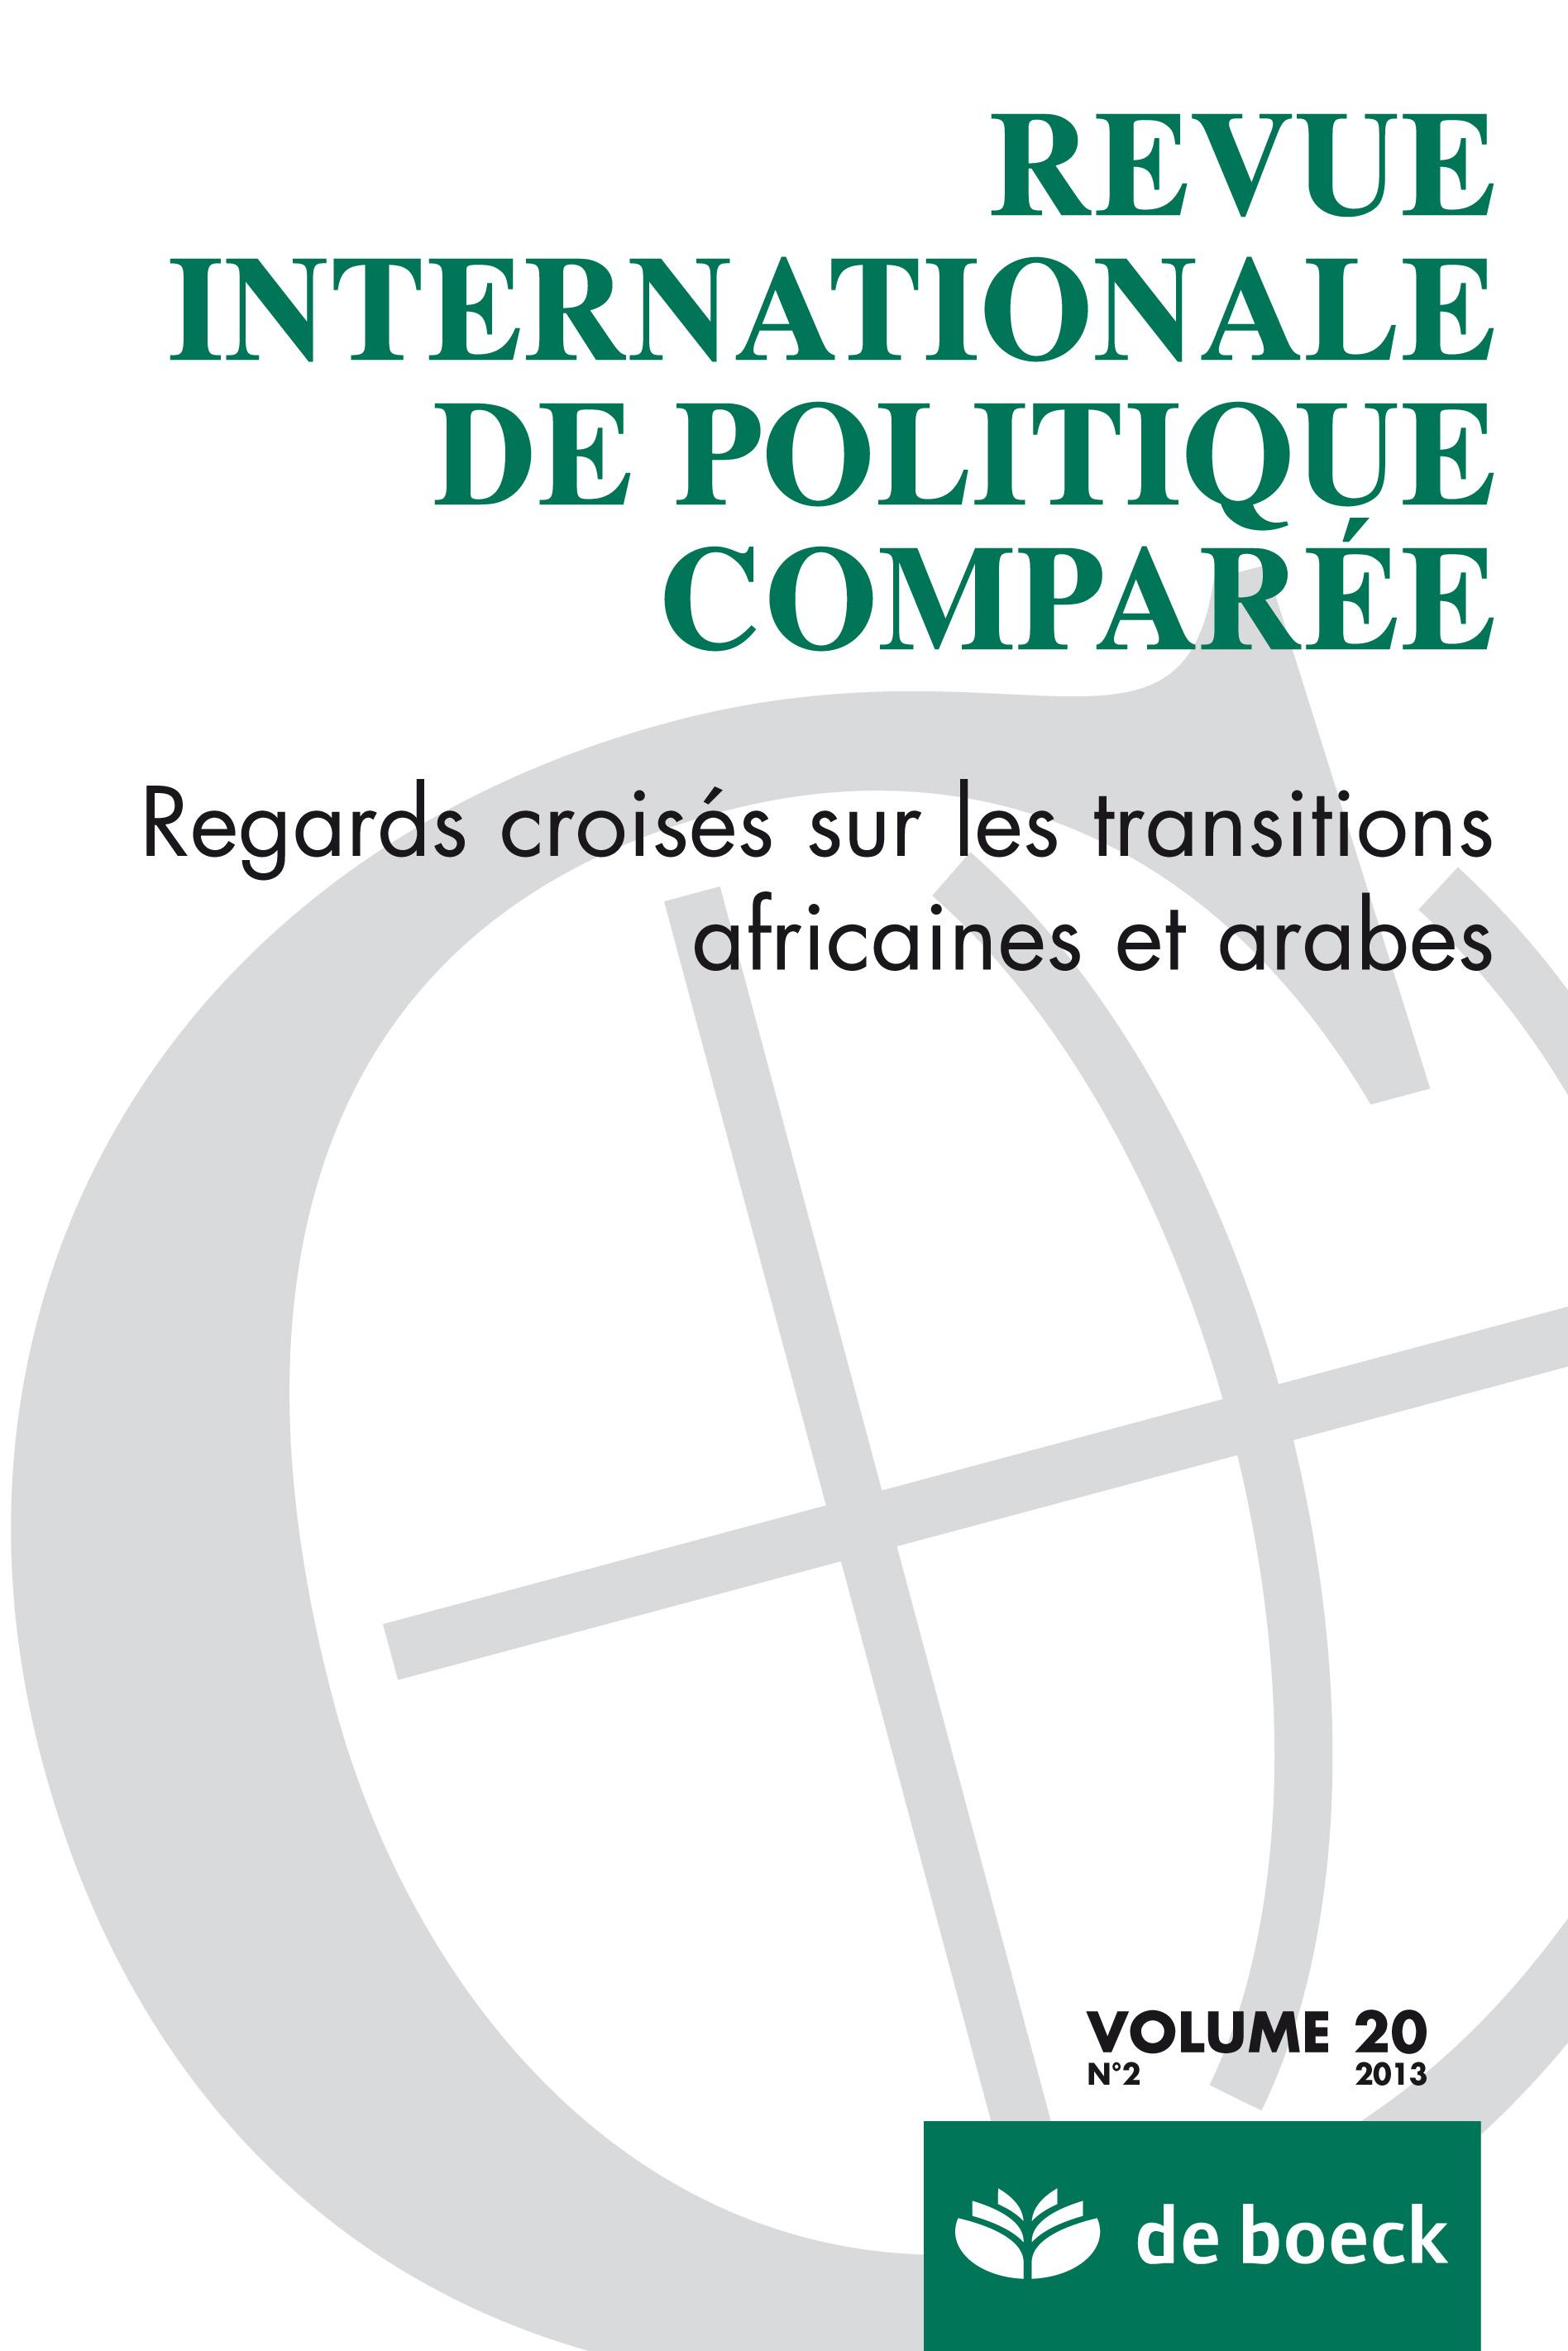 CONFISCATION LA TÉLÉCHARGER ARABES PRINTEMPS